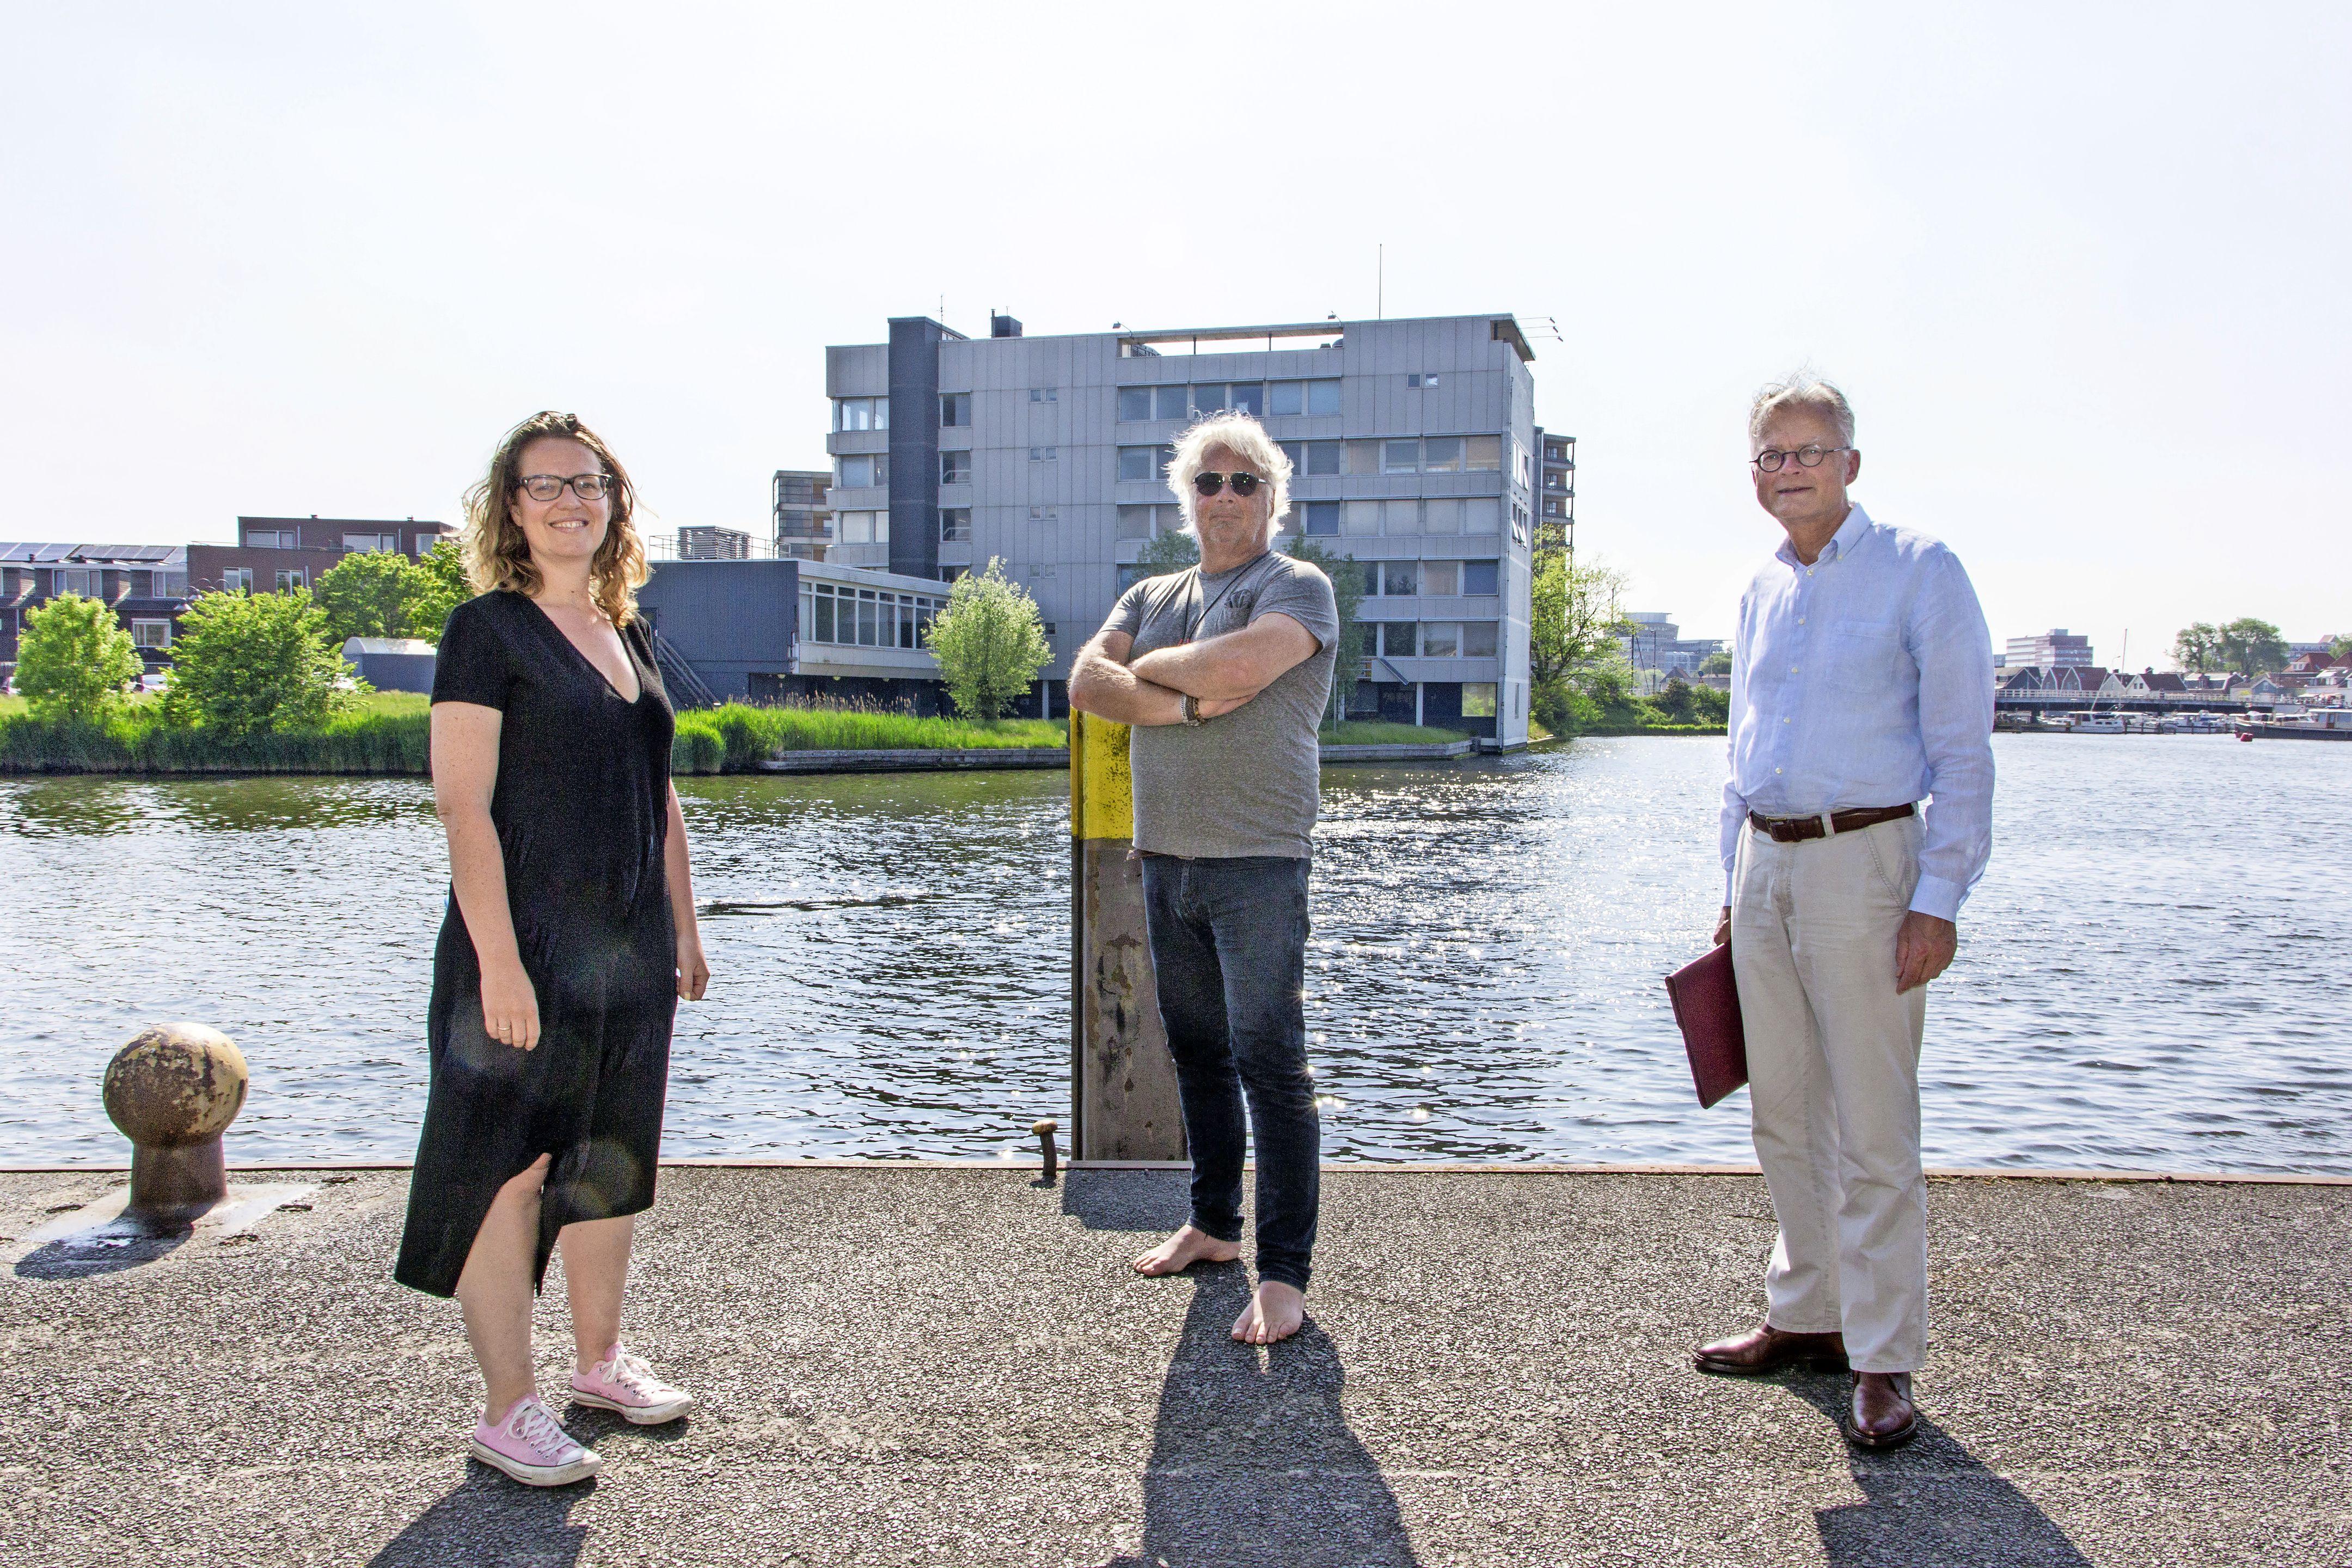 Bewoners Prins Hendrikkade Zaandam pleiten voor behoud Pont-kantoor. 'Niet slopen, maar verbouwen'